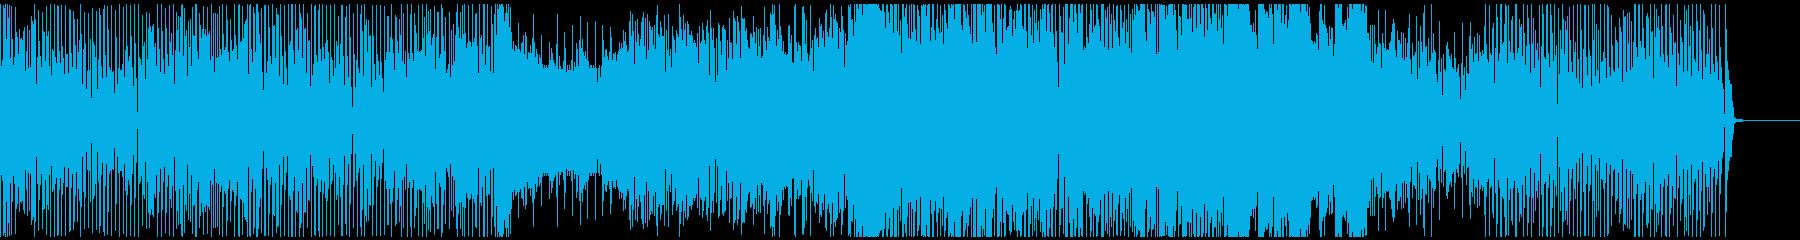 TEの再生済みの波形